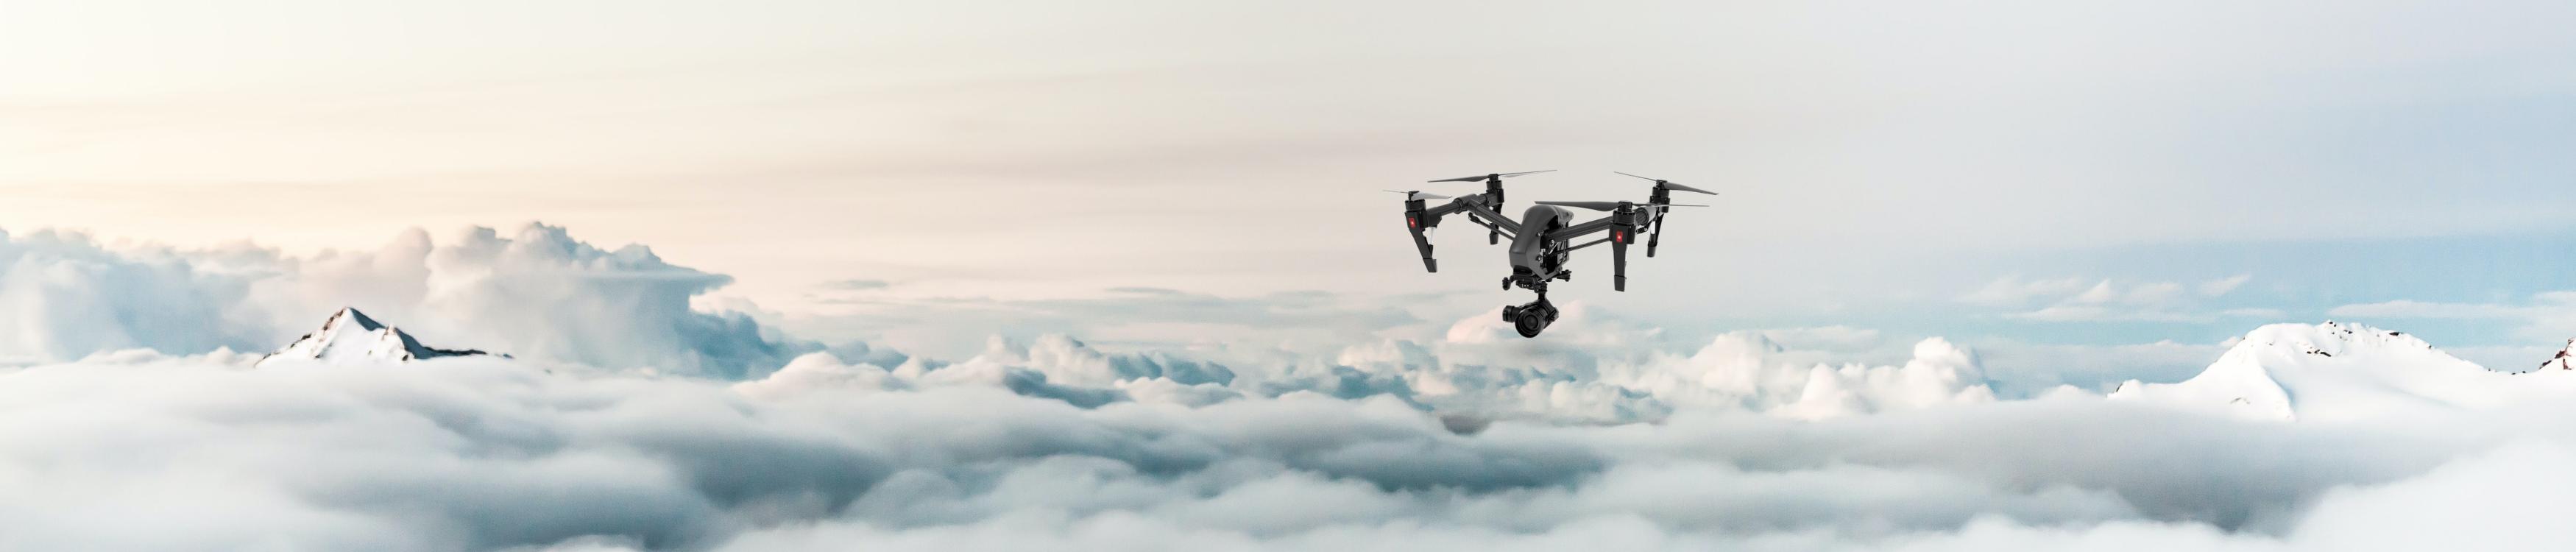 Yükleme Operasyon ve Nakliye Drone çekimleri